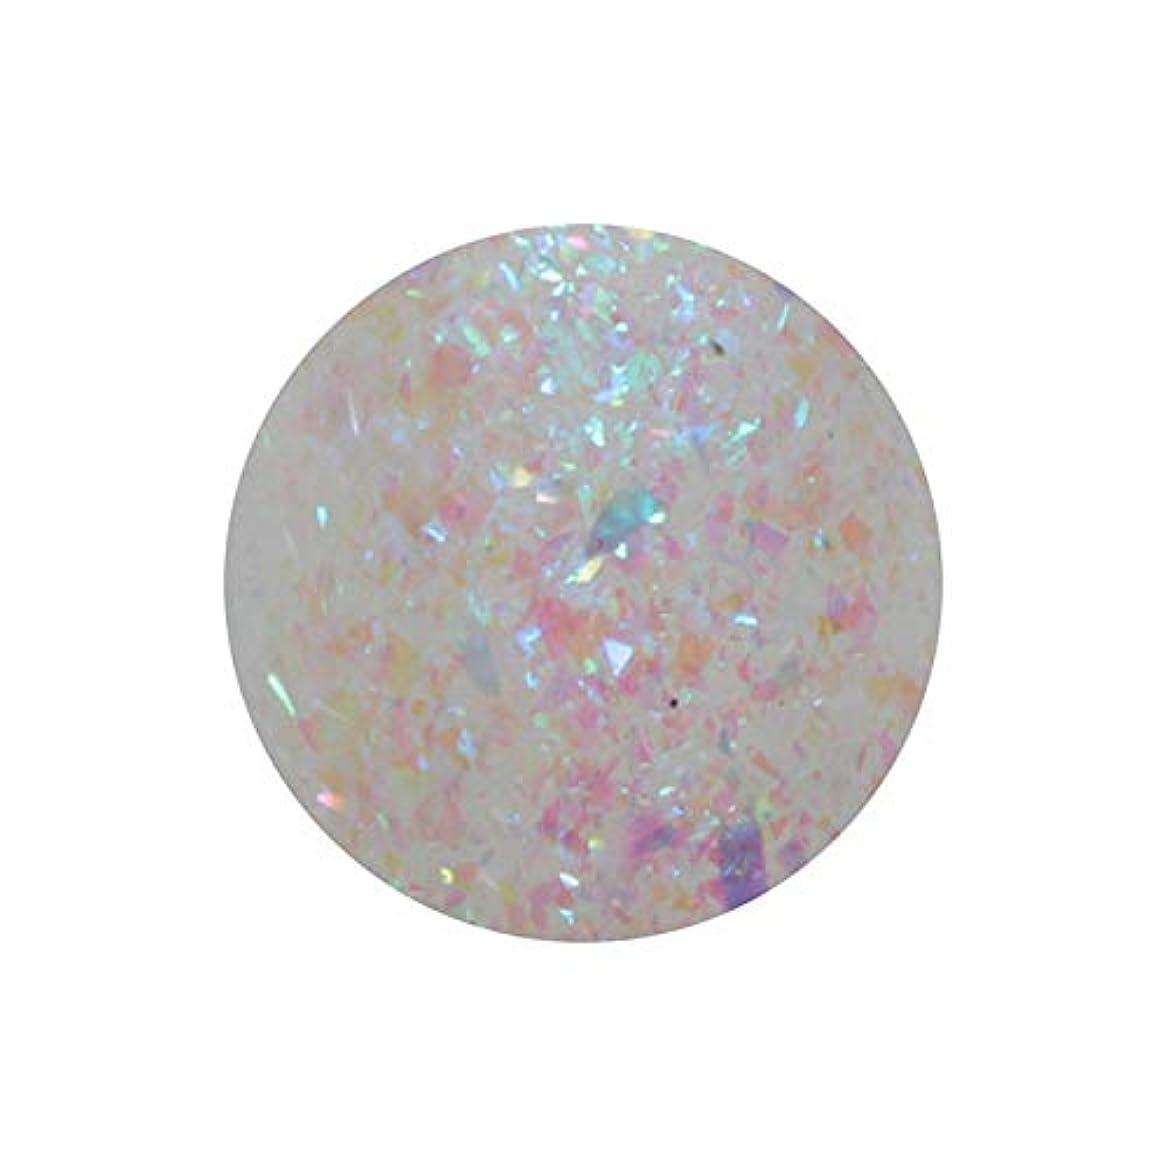 集団ラリーベルモント将来の【NEW】T-GEL COLLECTION TINY T004 ホログラフィーブルーグリーン 8ml